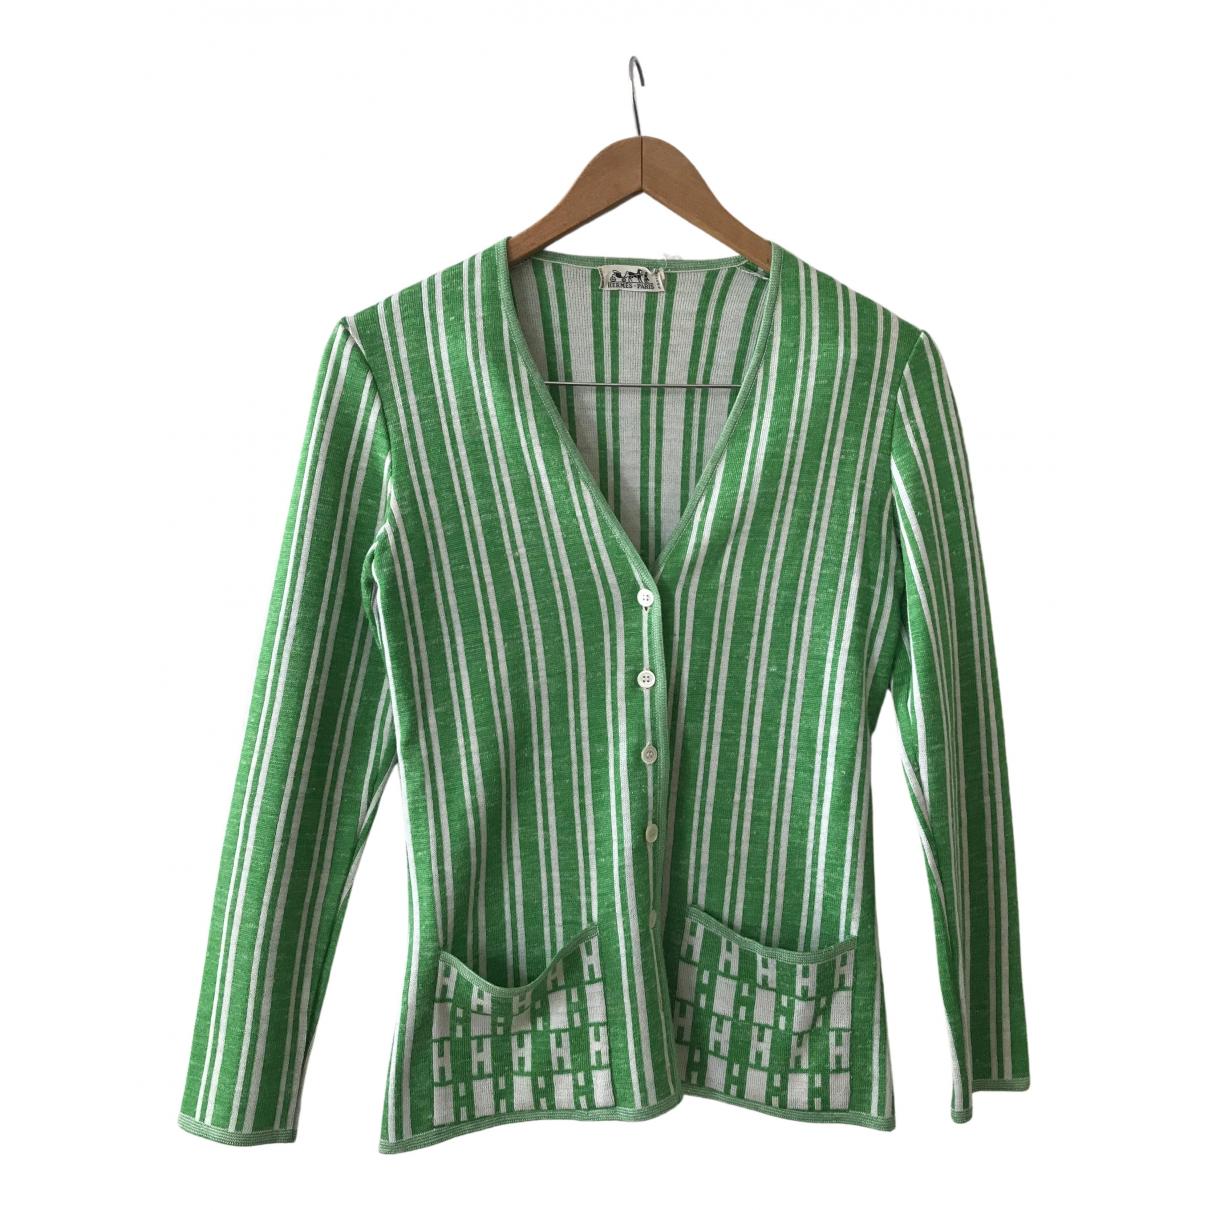 Hermes - Pull   pour femme - vert